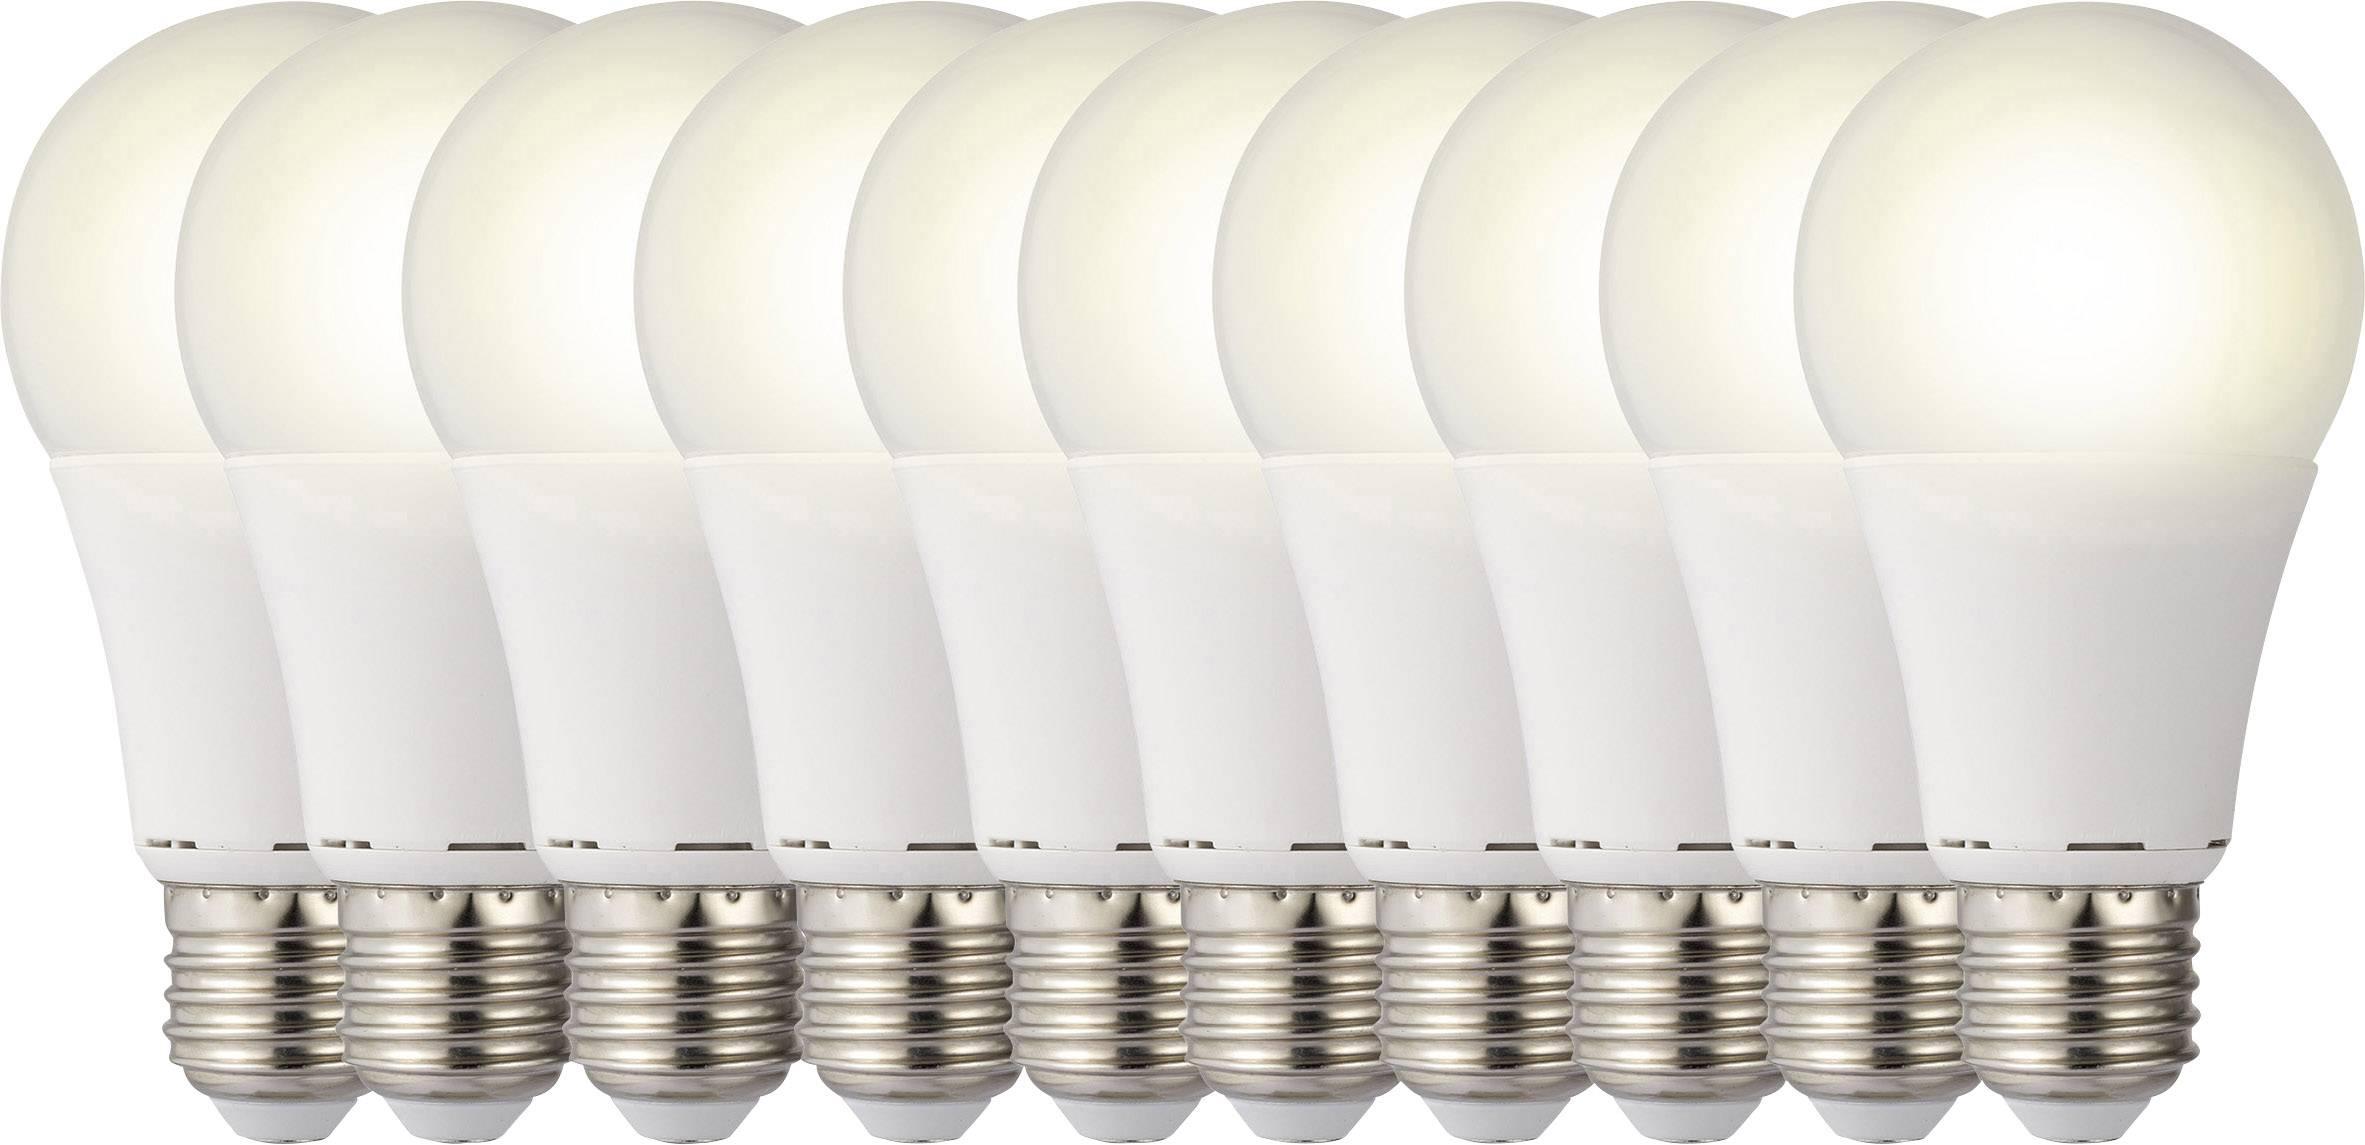 10 - dielna sada LED žiarovek sygonix 230 V E27 9.5 W = 60 W